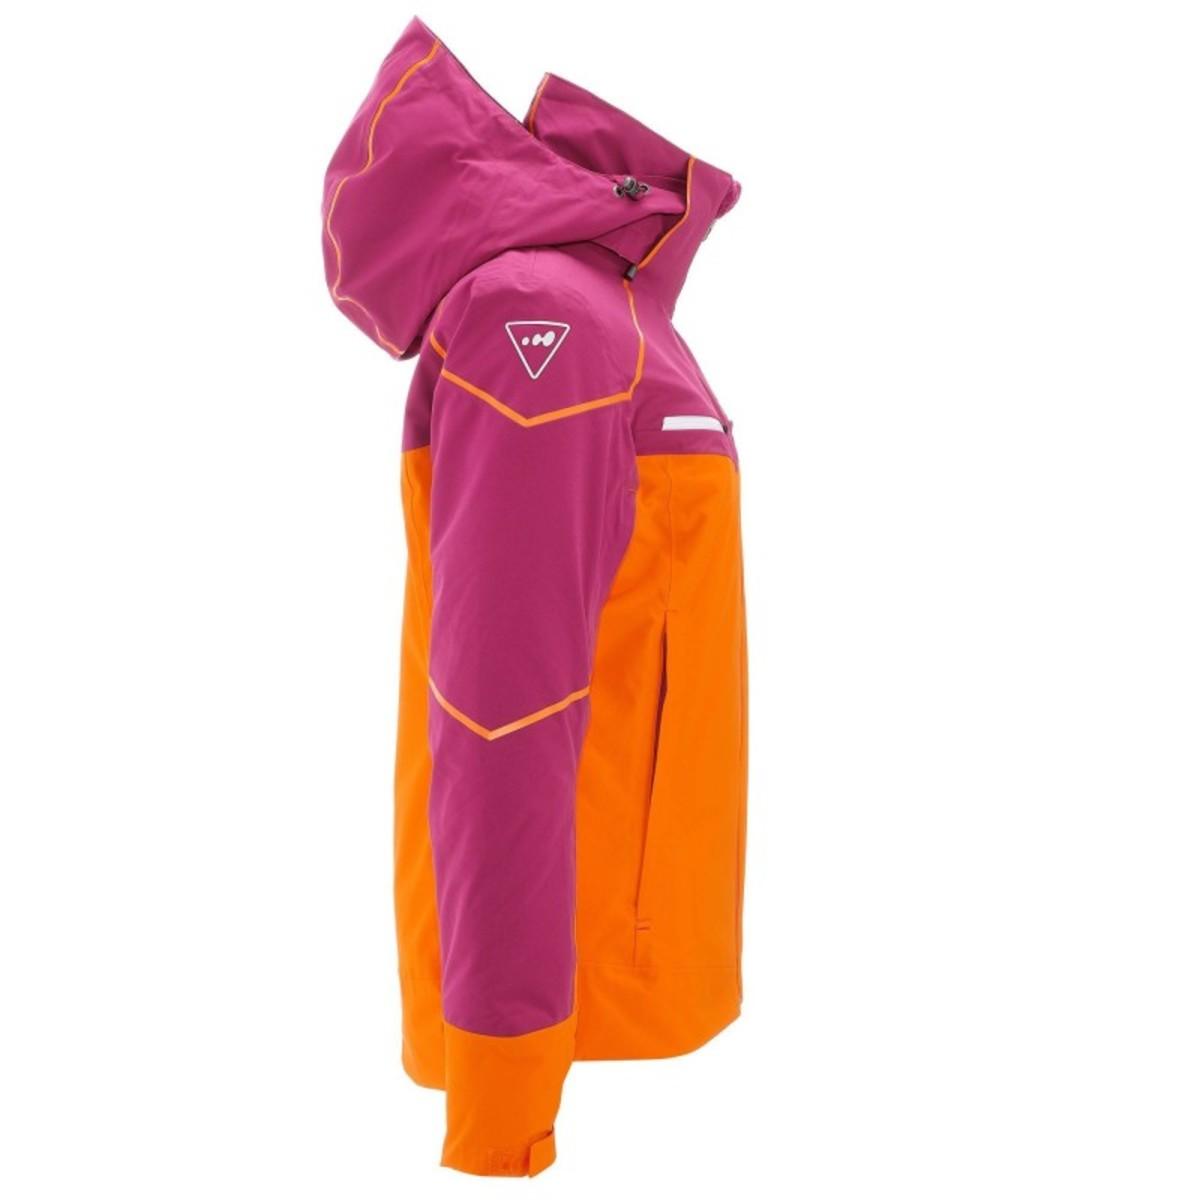 Bild 2 von WED´ZE Skijacke Slide 700 Damen lila/orange, Größe: XS